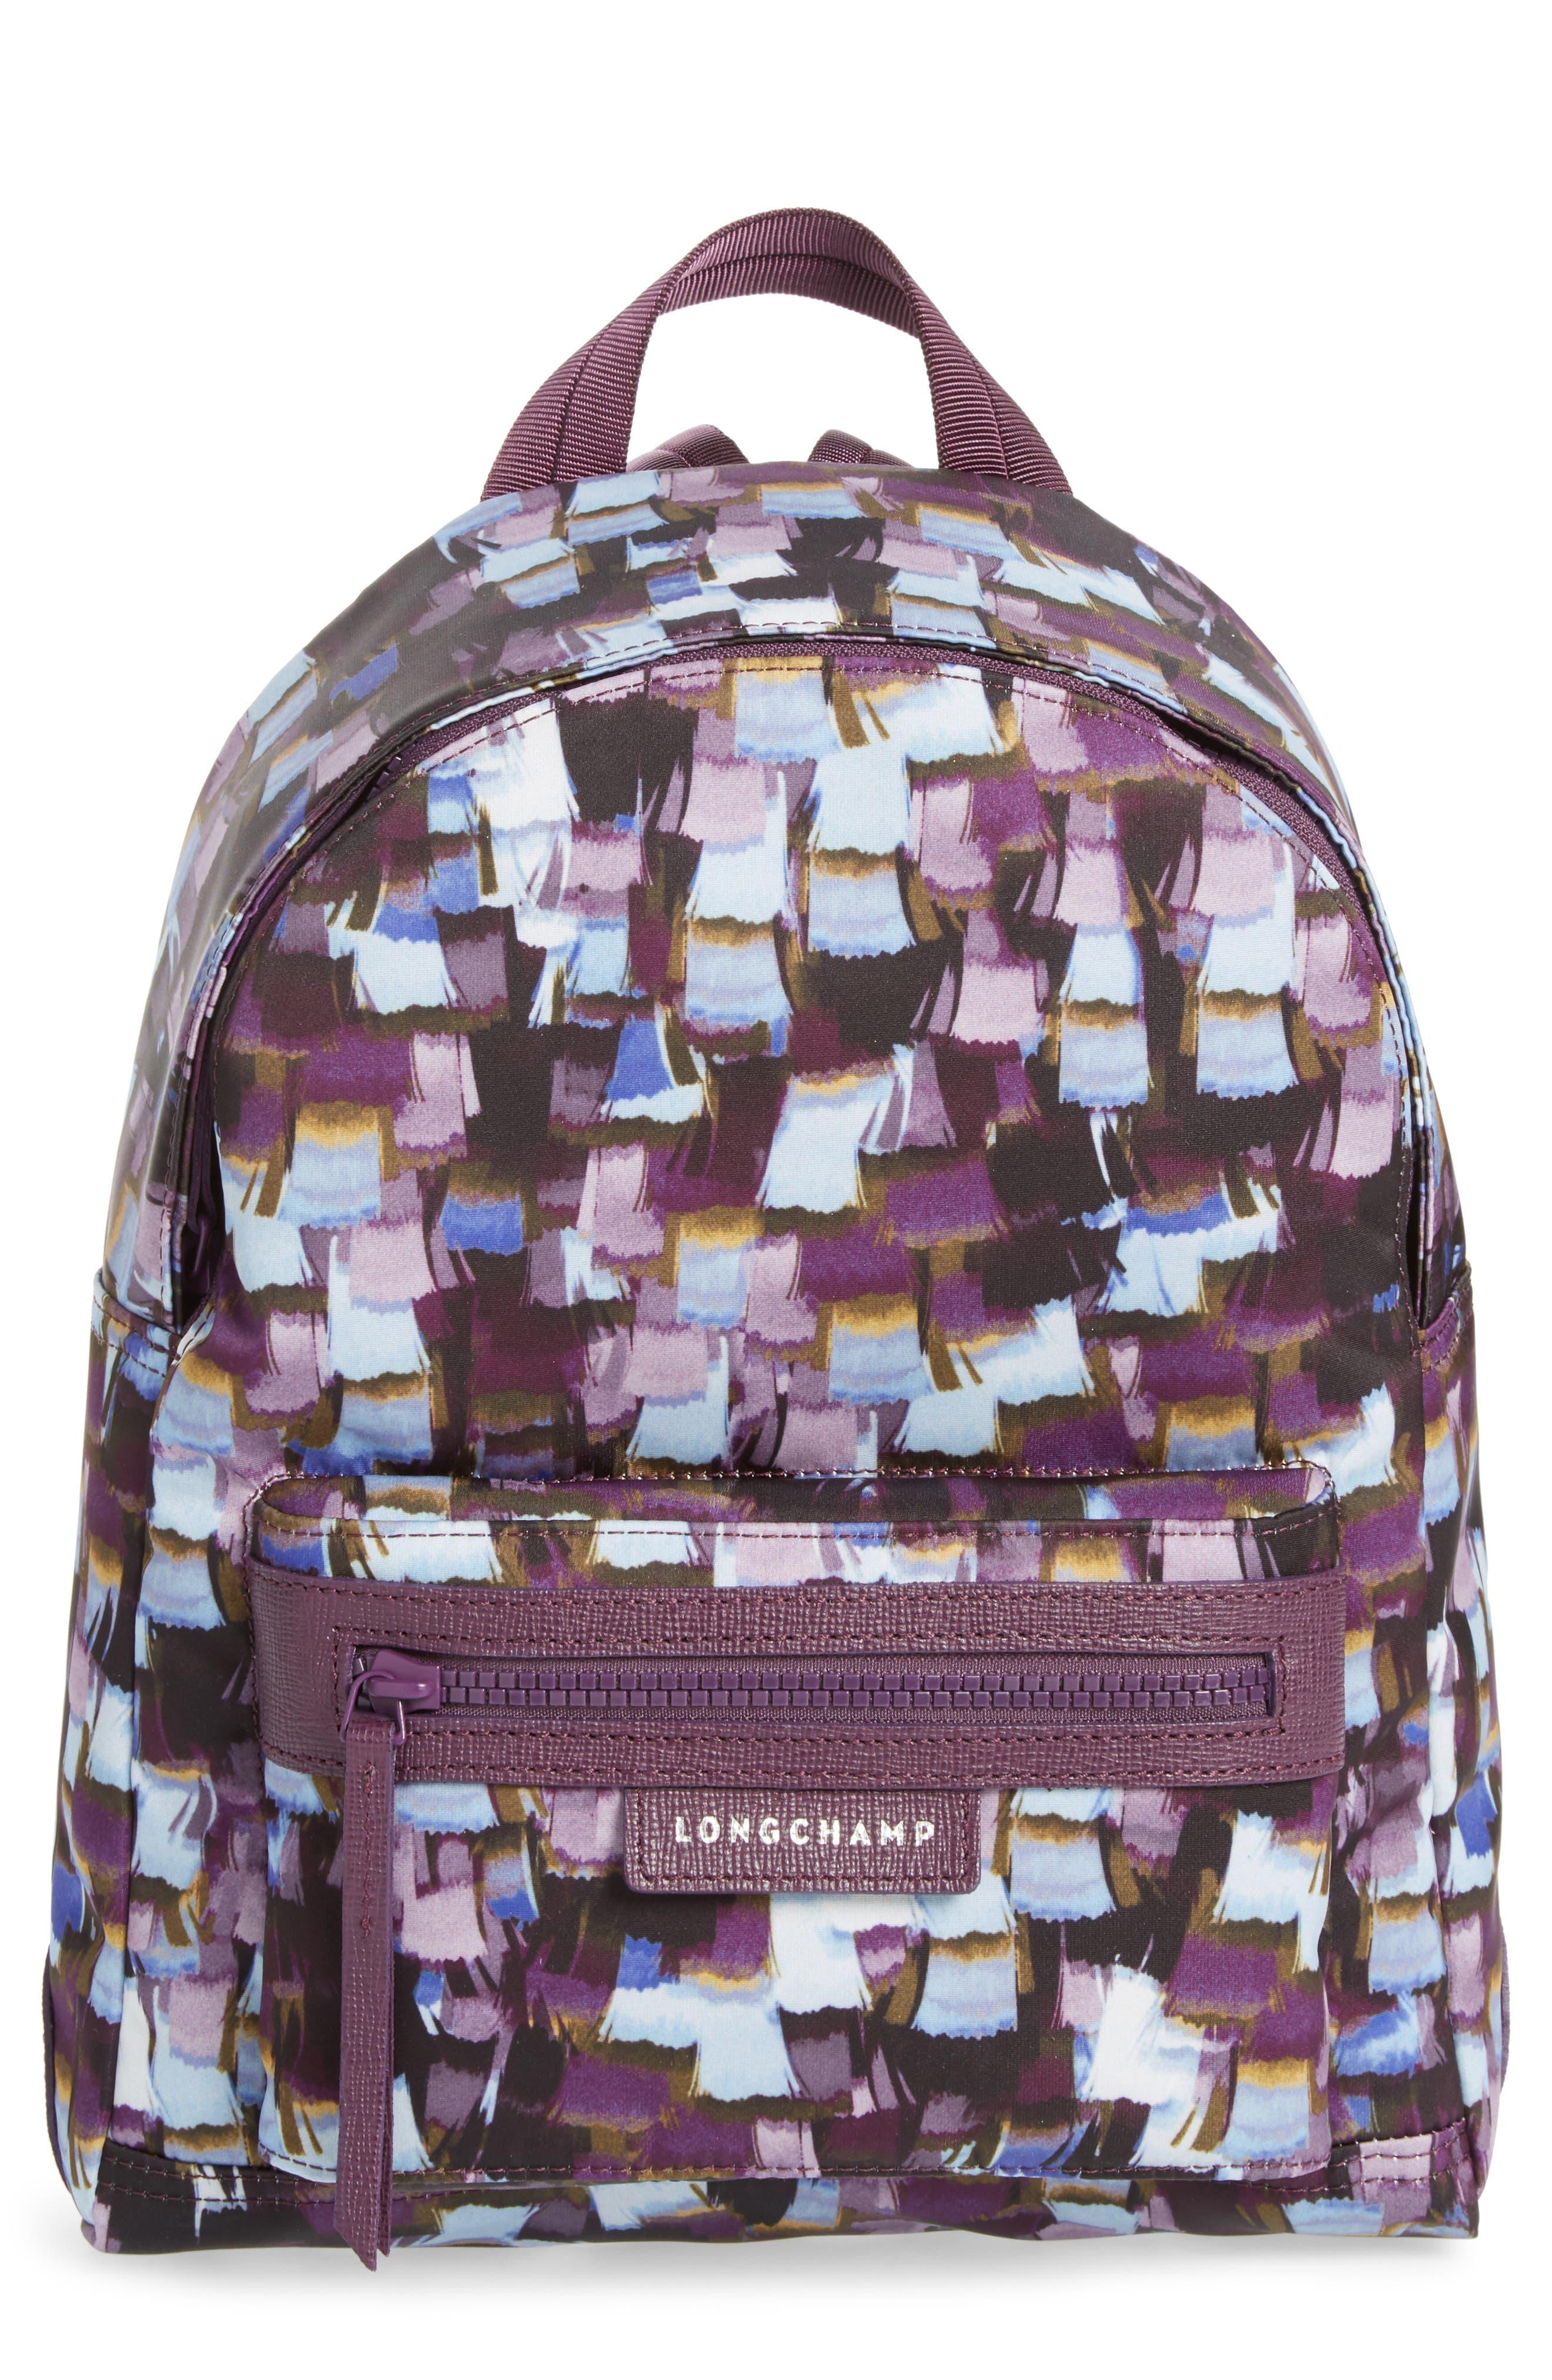 Le Pliage Neo - Vibrations Nylon Backpack,                             Main thumbnail 1, color,                             Deep Purple